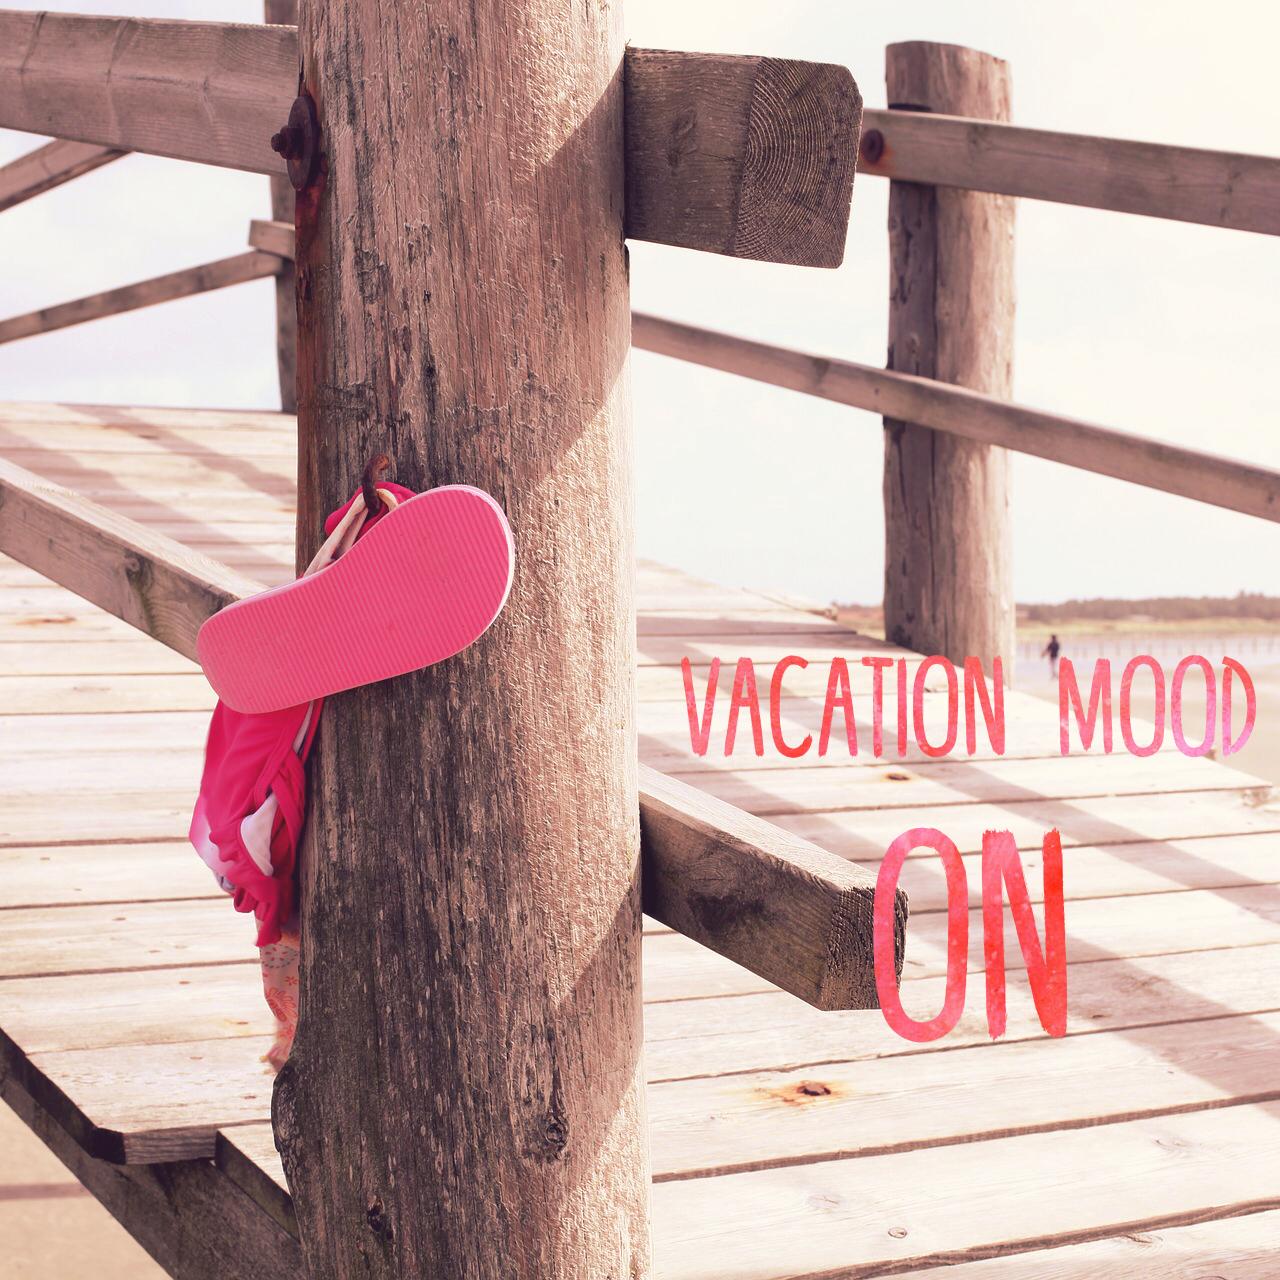 Let's enjoy the summer, 'cause girls just wanna have SUN! ☀️   NYTH is deze zomer te vinden aan de zee, in de zon, op zomerbars en aan het strand... ♀️⛱Geen tijd dus om blogjes te schrijven. We'll see you back in september!  ✦ Let's have some fun in the sun ✦  ✦ Vacation mood ON ✦    #blog #nyth #volgons #echteverhalen #realgirls #vacationmoodon #vacation #quotes